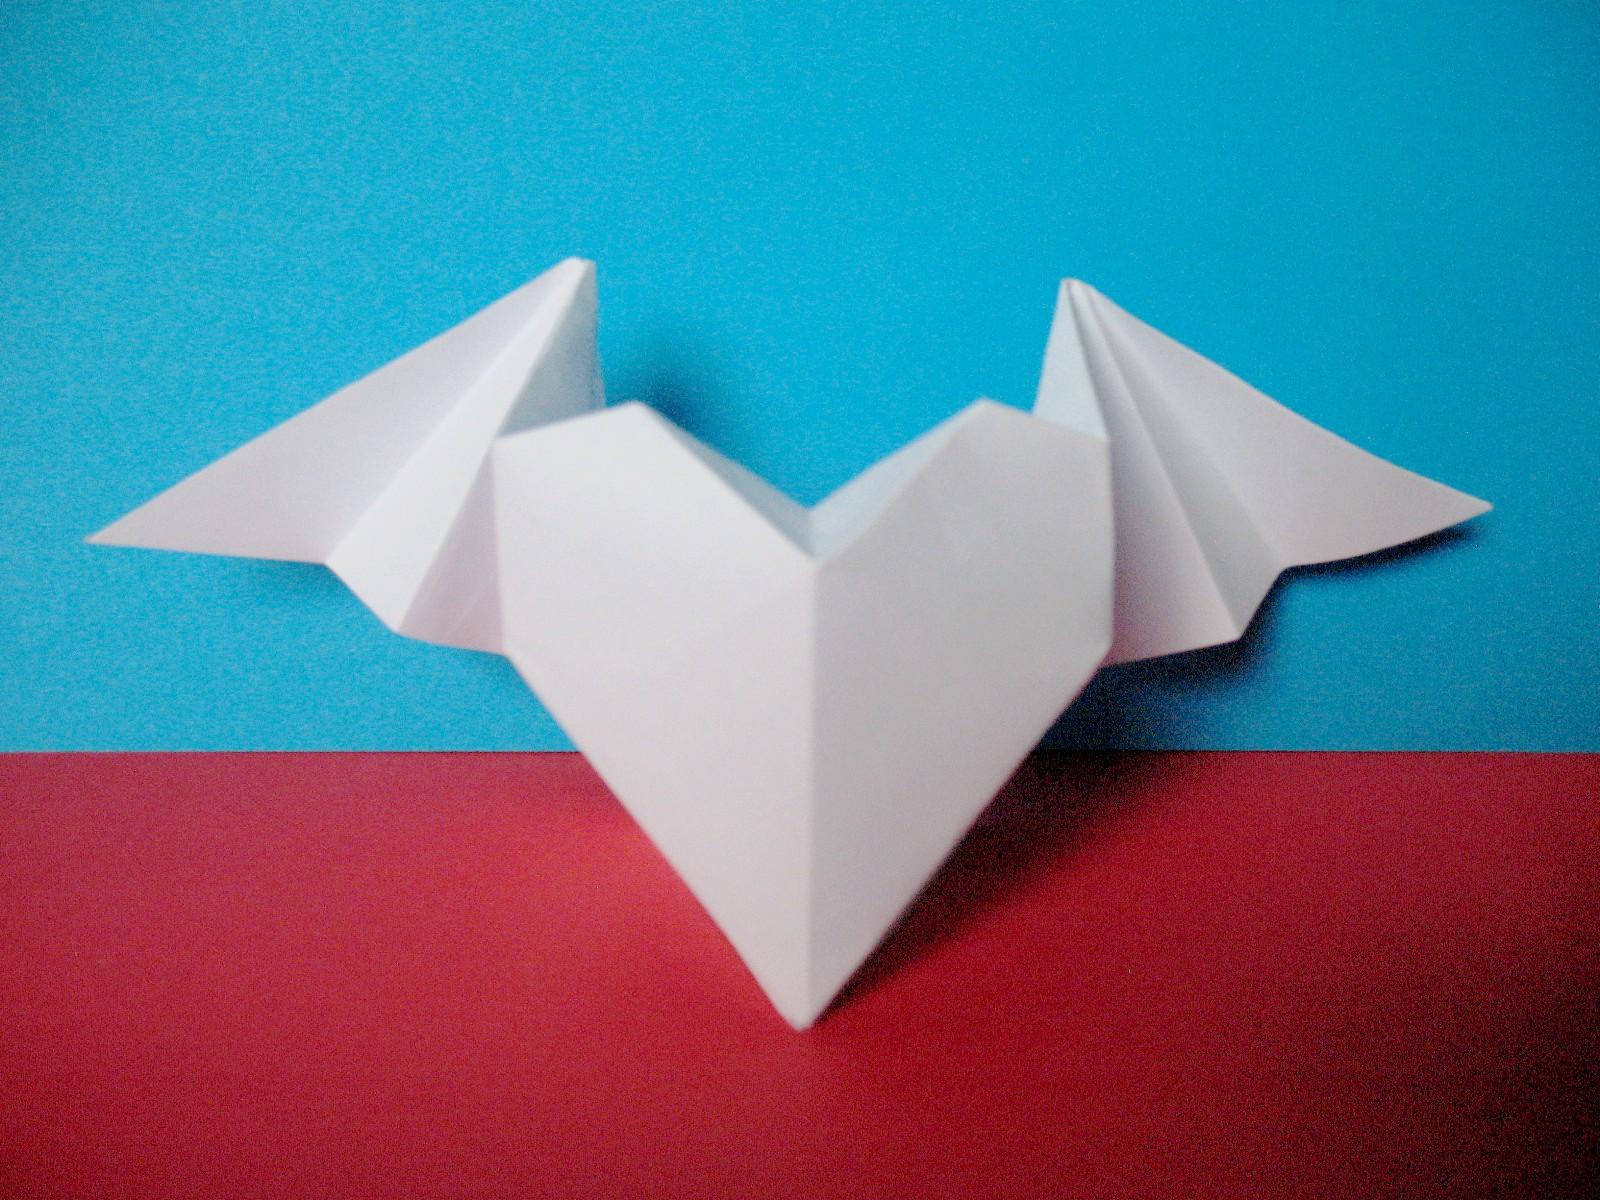 INTERFERENTE: Top 10/origami modele personale - photo#33